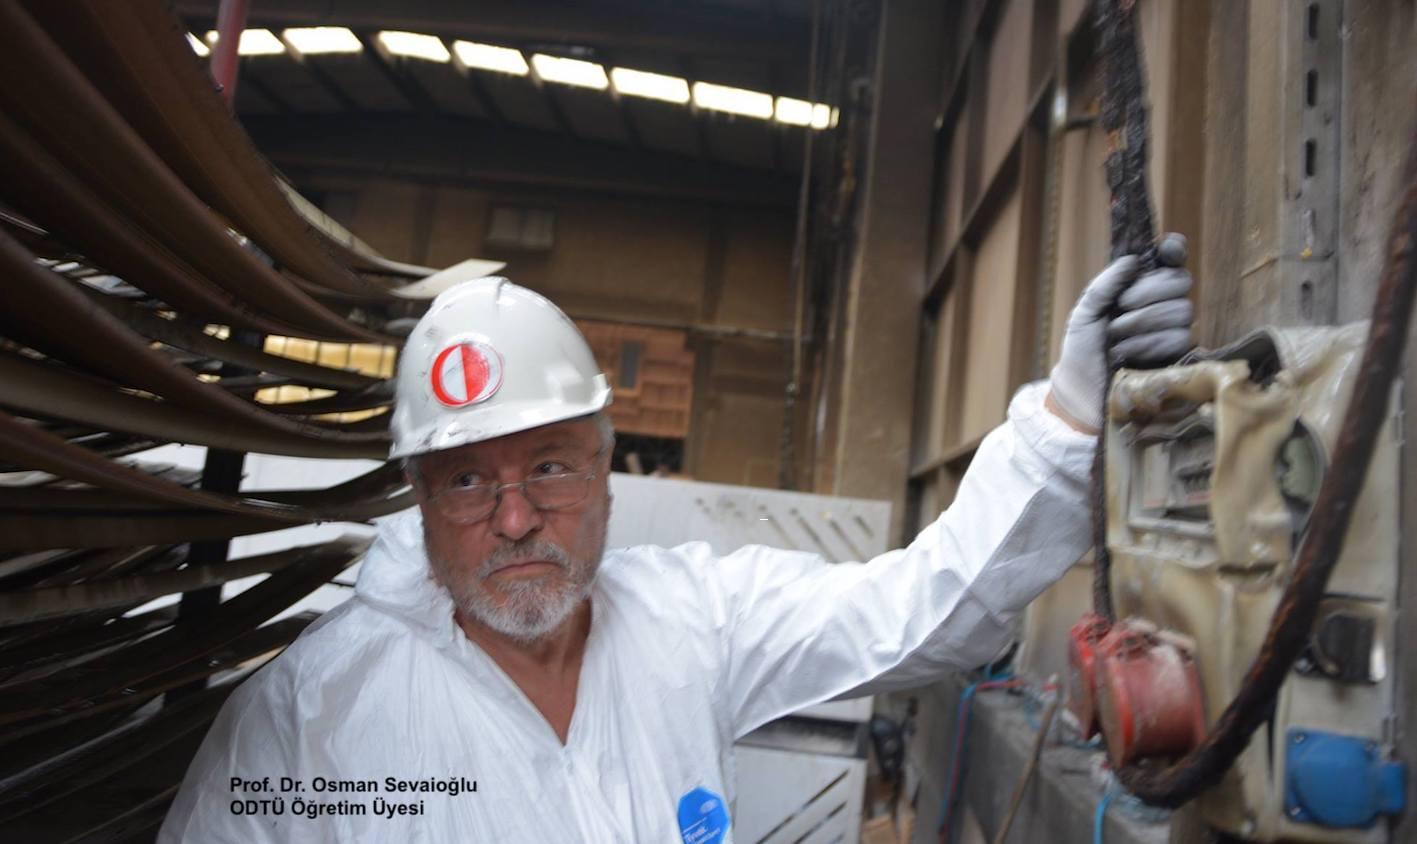 ODTÜ ve EMO Osman Sevaioğlu için anma düzenliyor